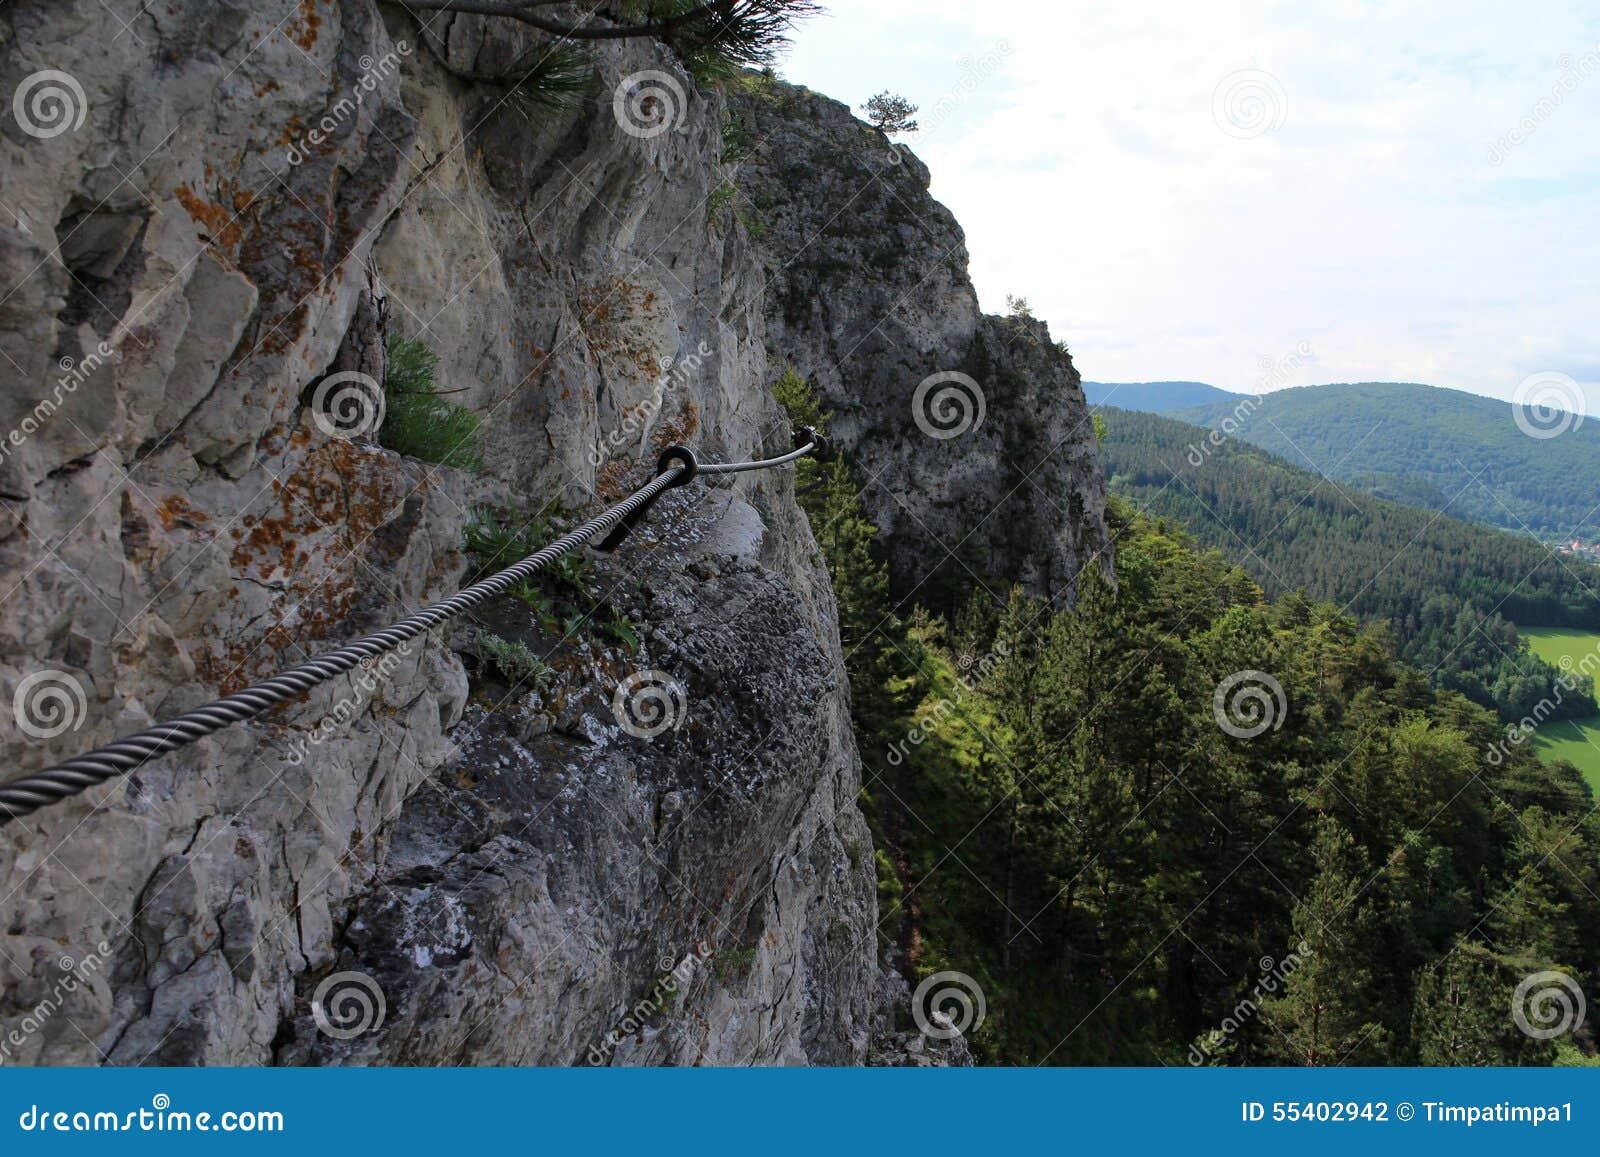 Pittentaler Klettersteig : Wanderer auf pittentaler klettersteig stockfoto bild von